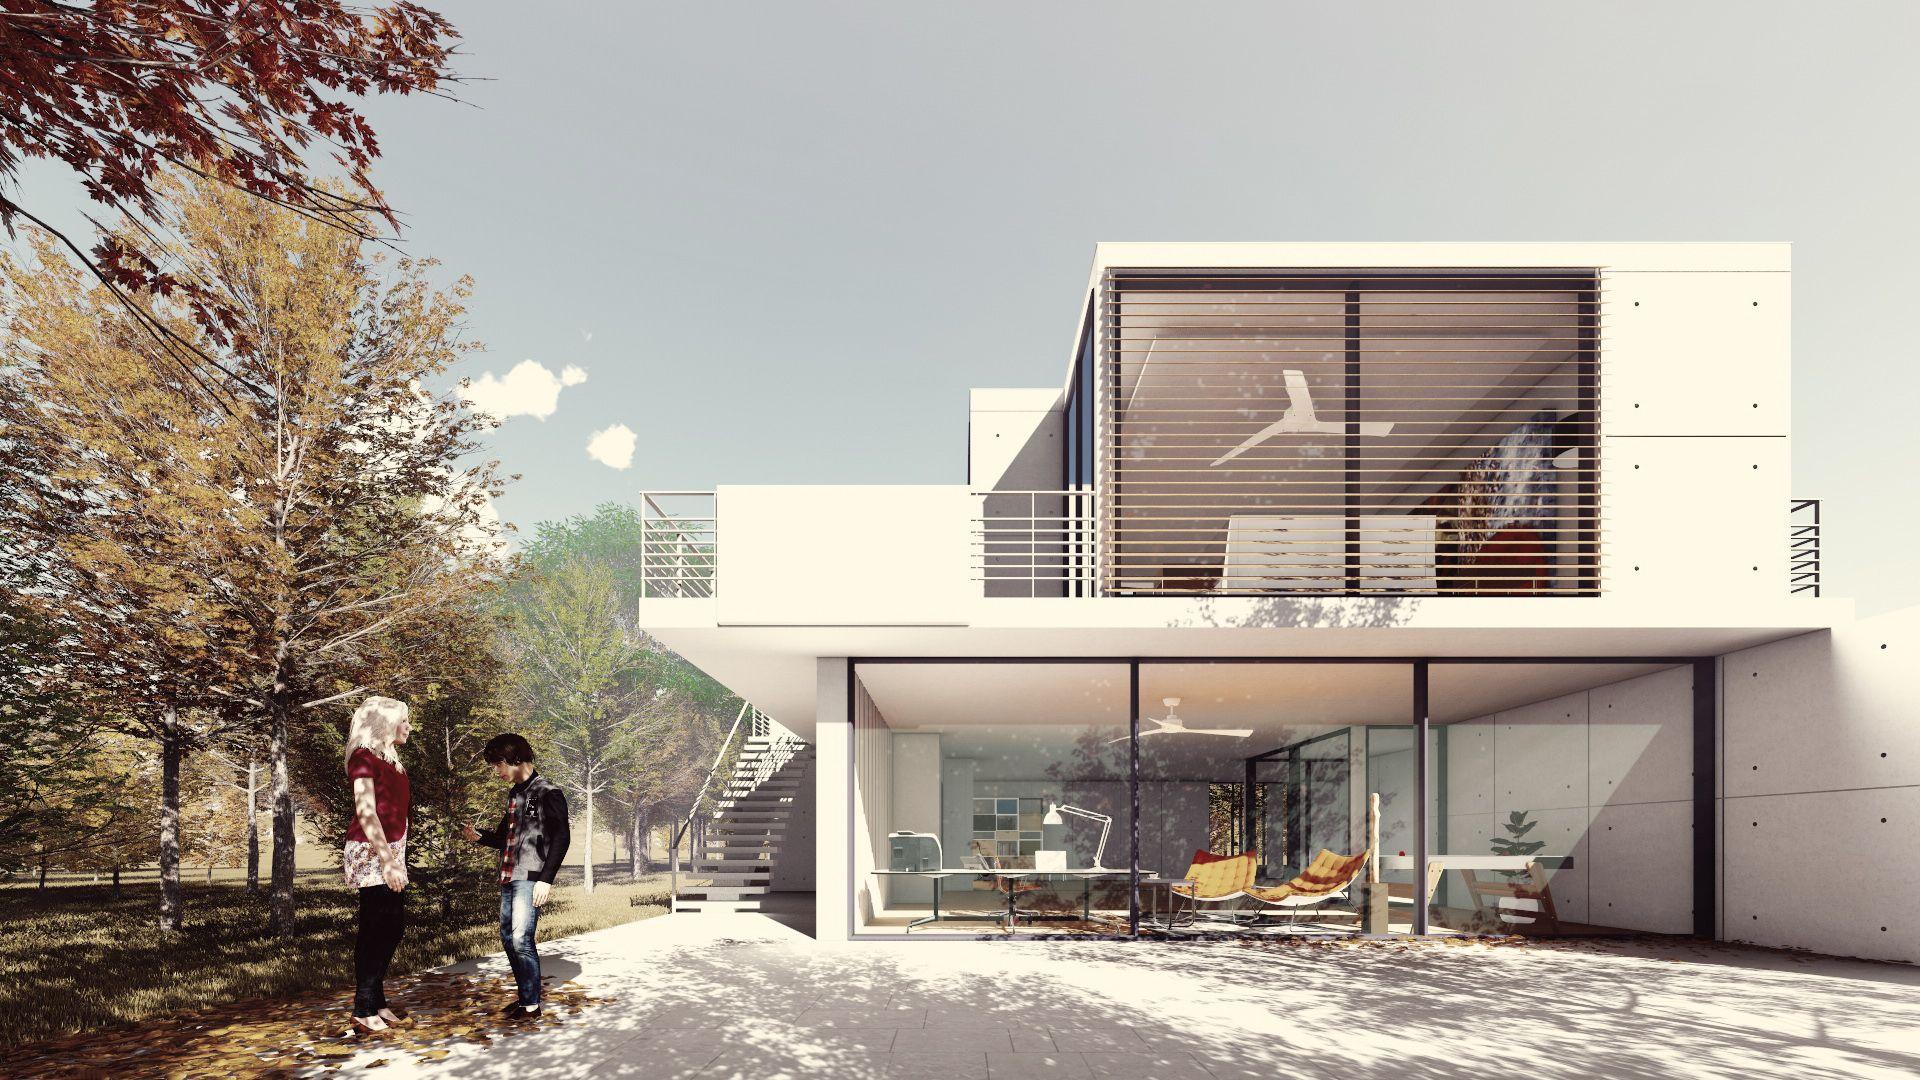 lumion interior rendering tutorial